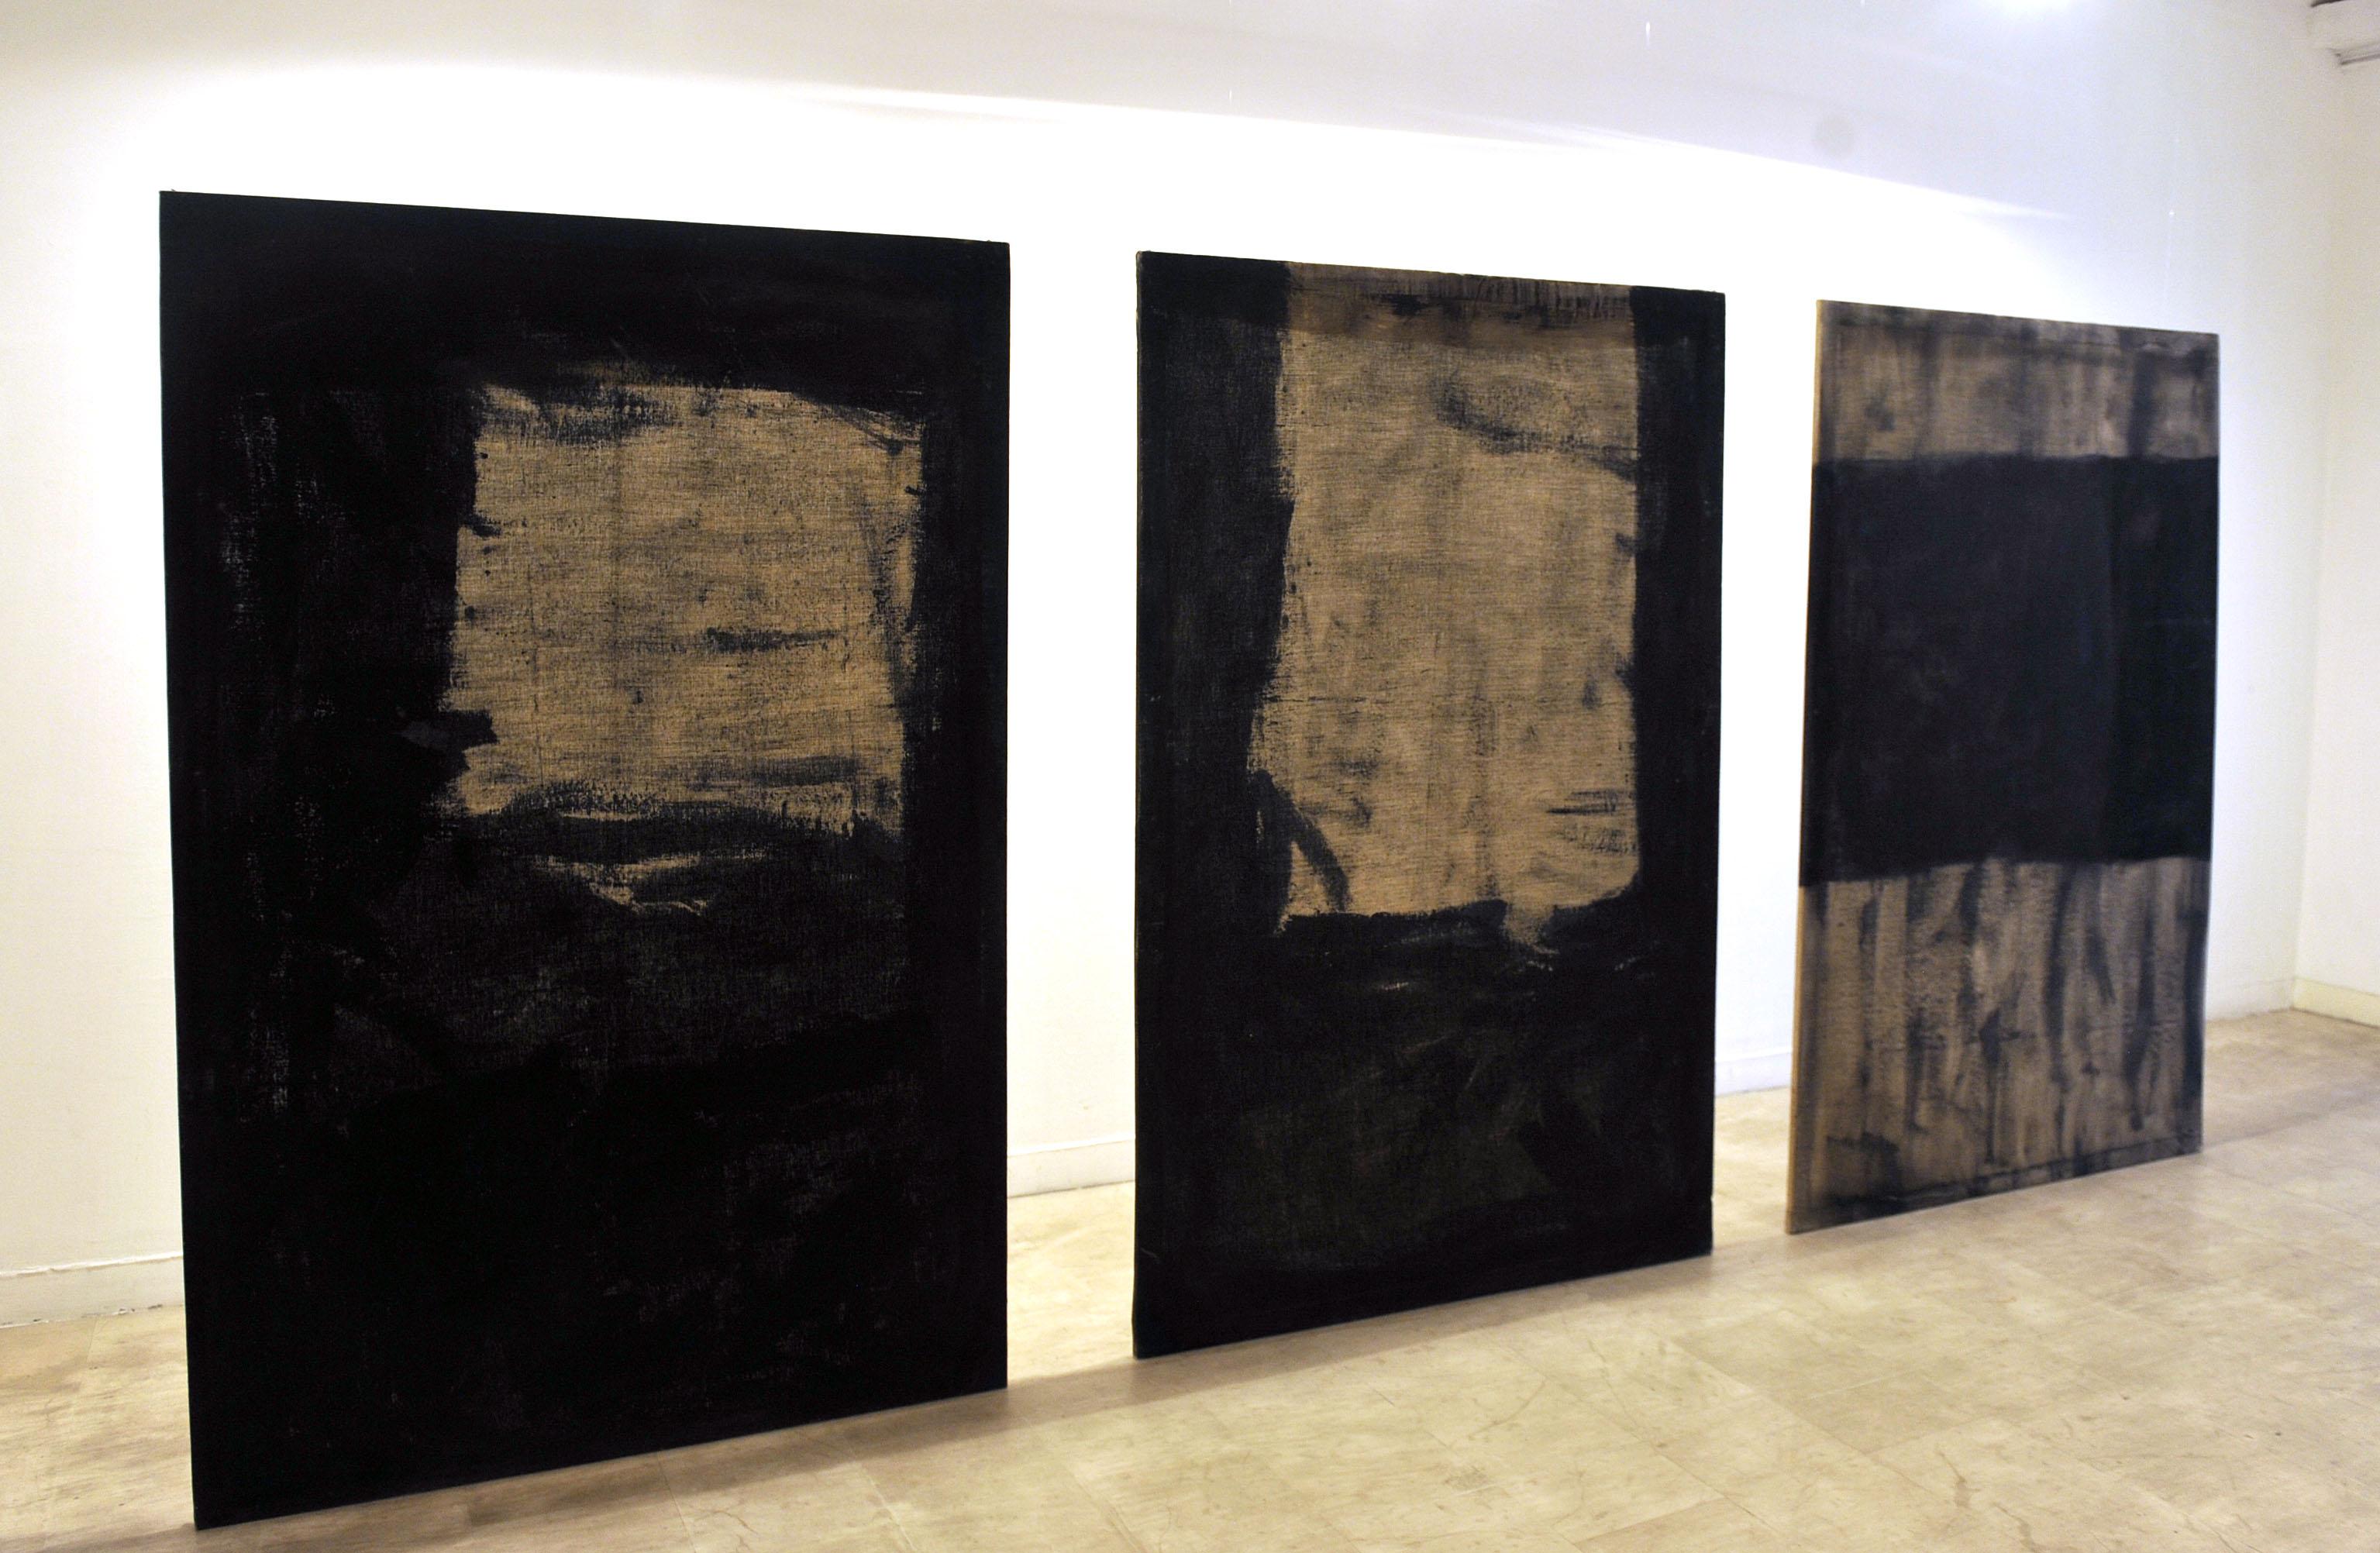 Goran Fruk, »Slikanje, Crnoprozirno I – III«, 1993.